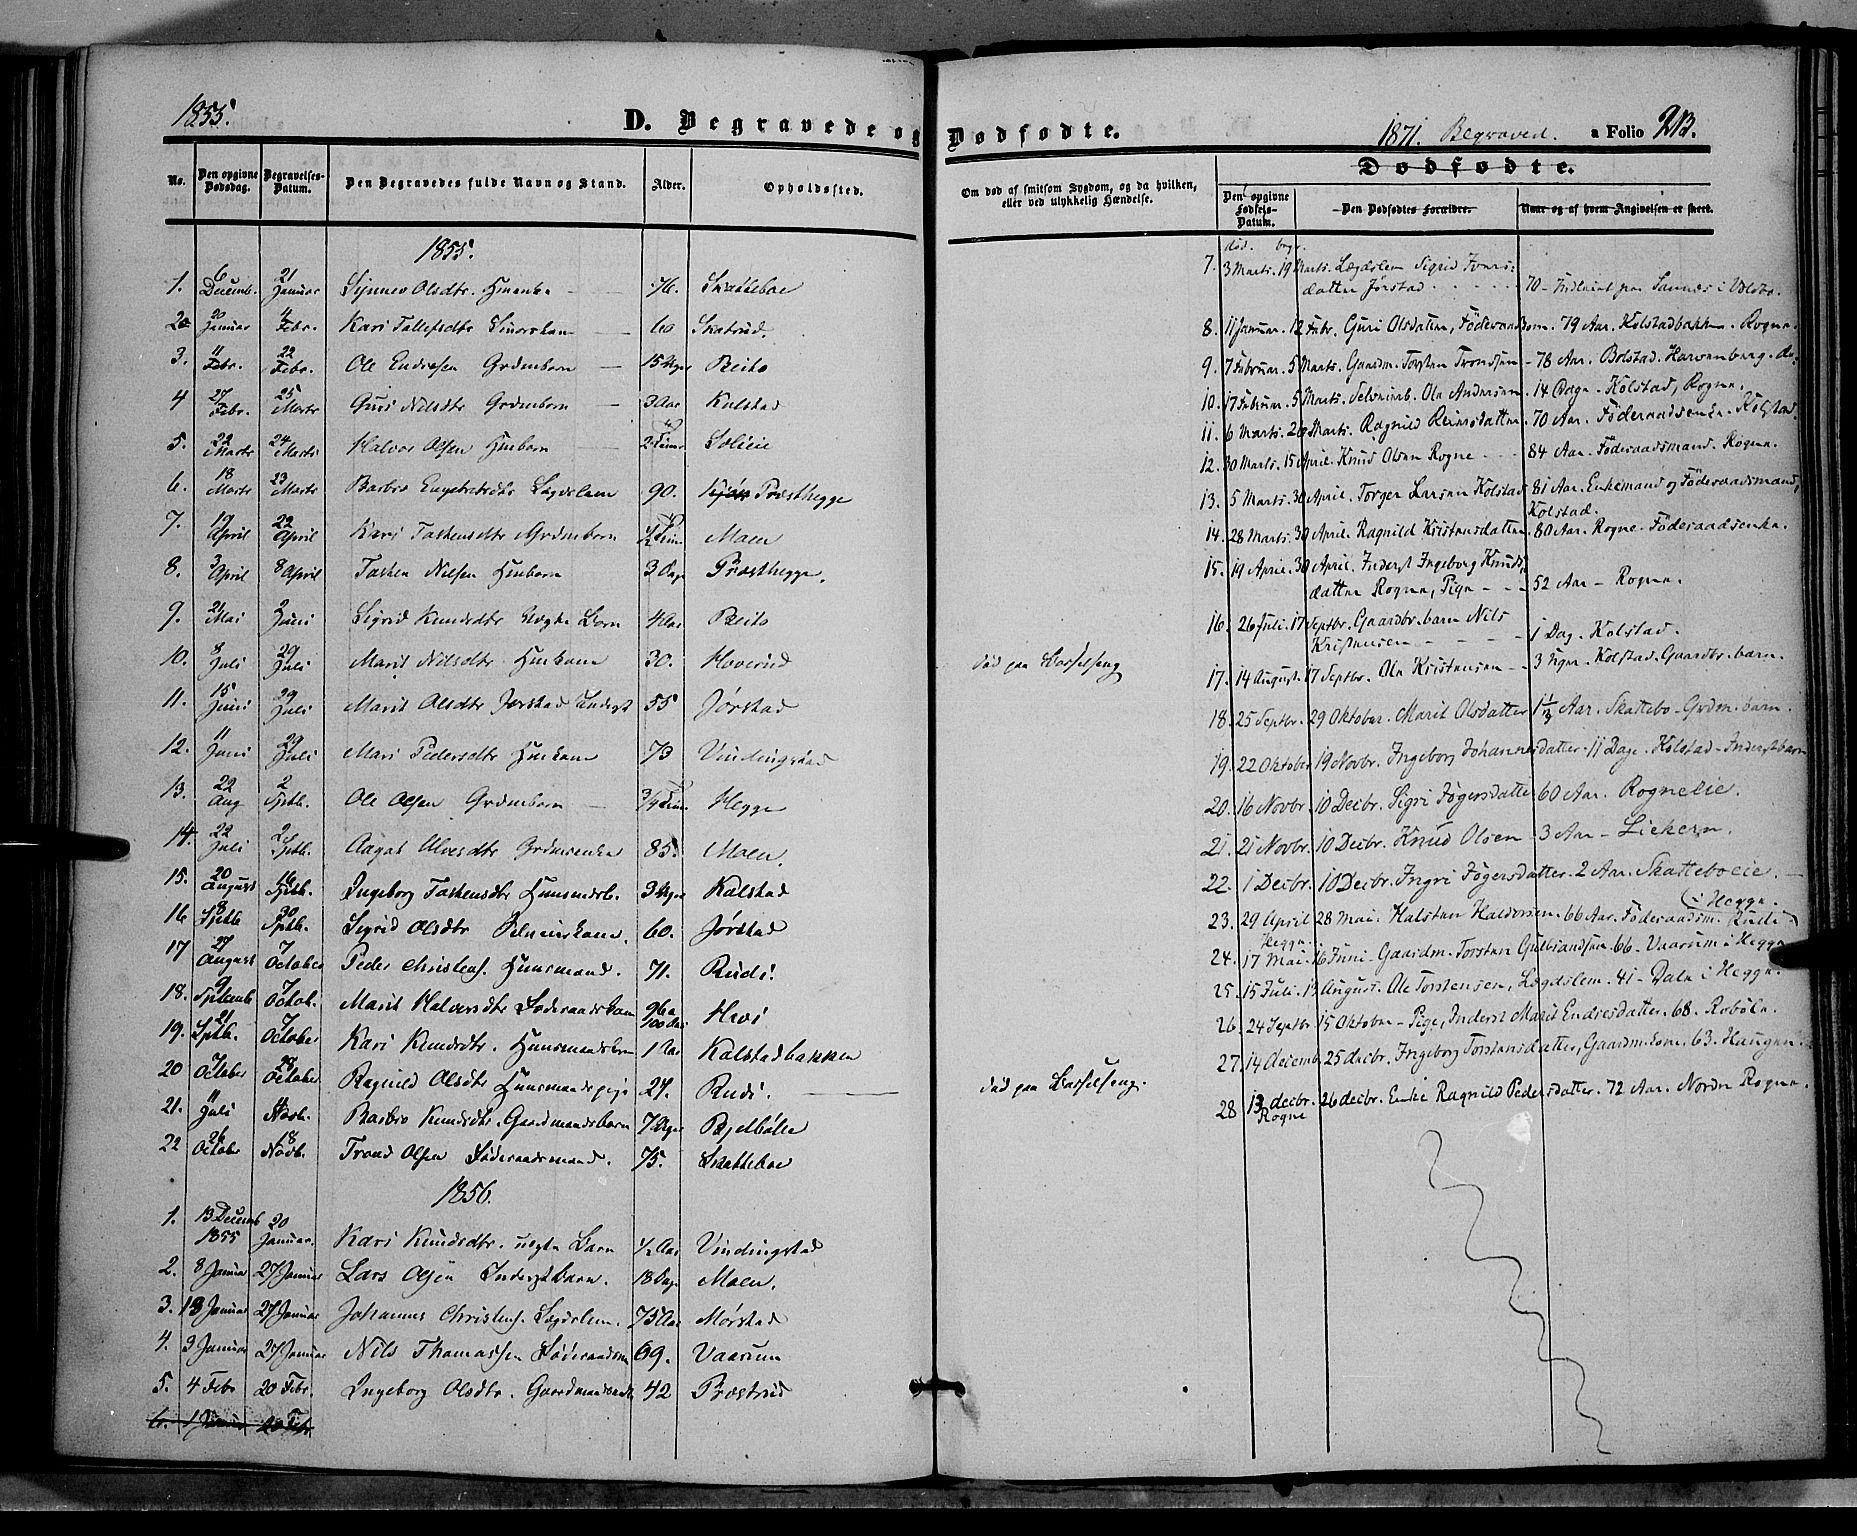 SAH, Øystre Slidre prestekontor, Ministerialbok nr. 1, 1849-1874, s. 213